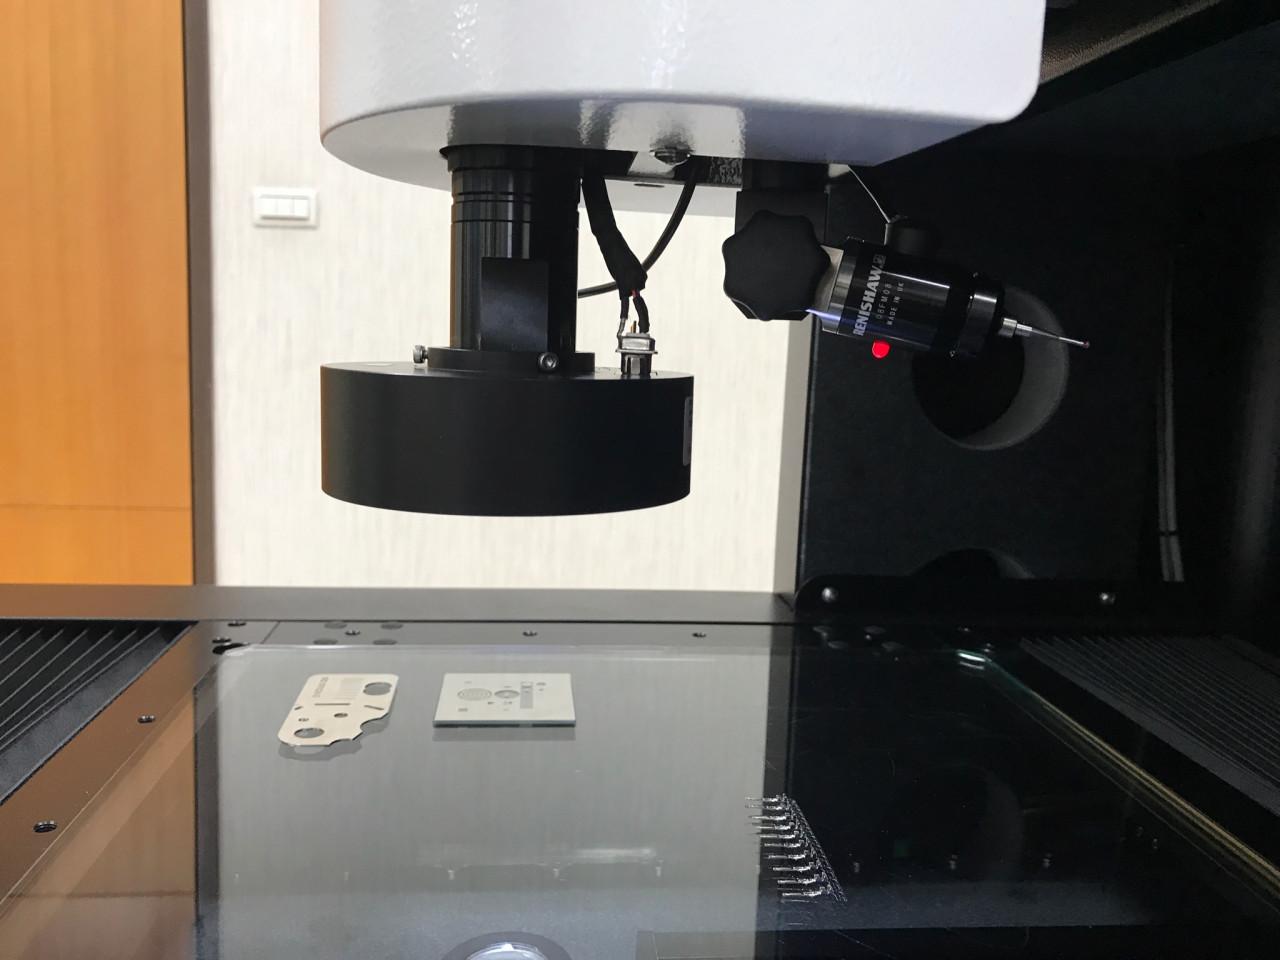 thiết bị đo lường cơ khí máy cmm máy kính phóng